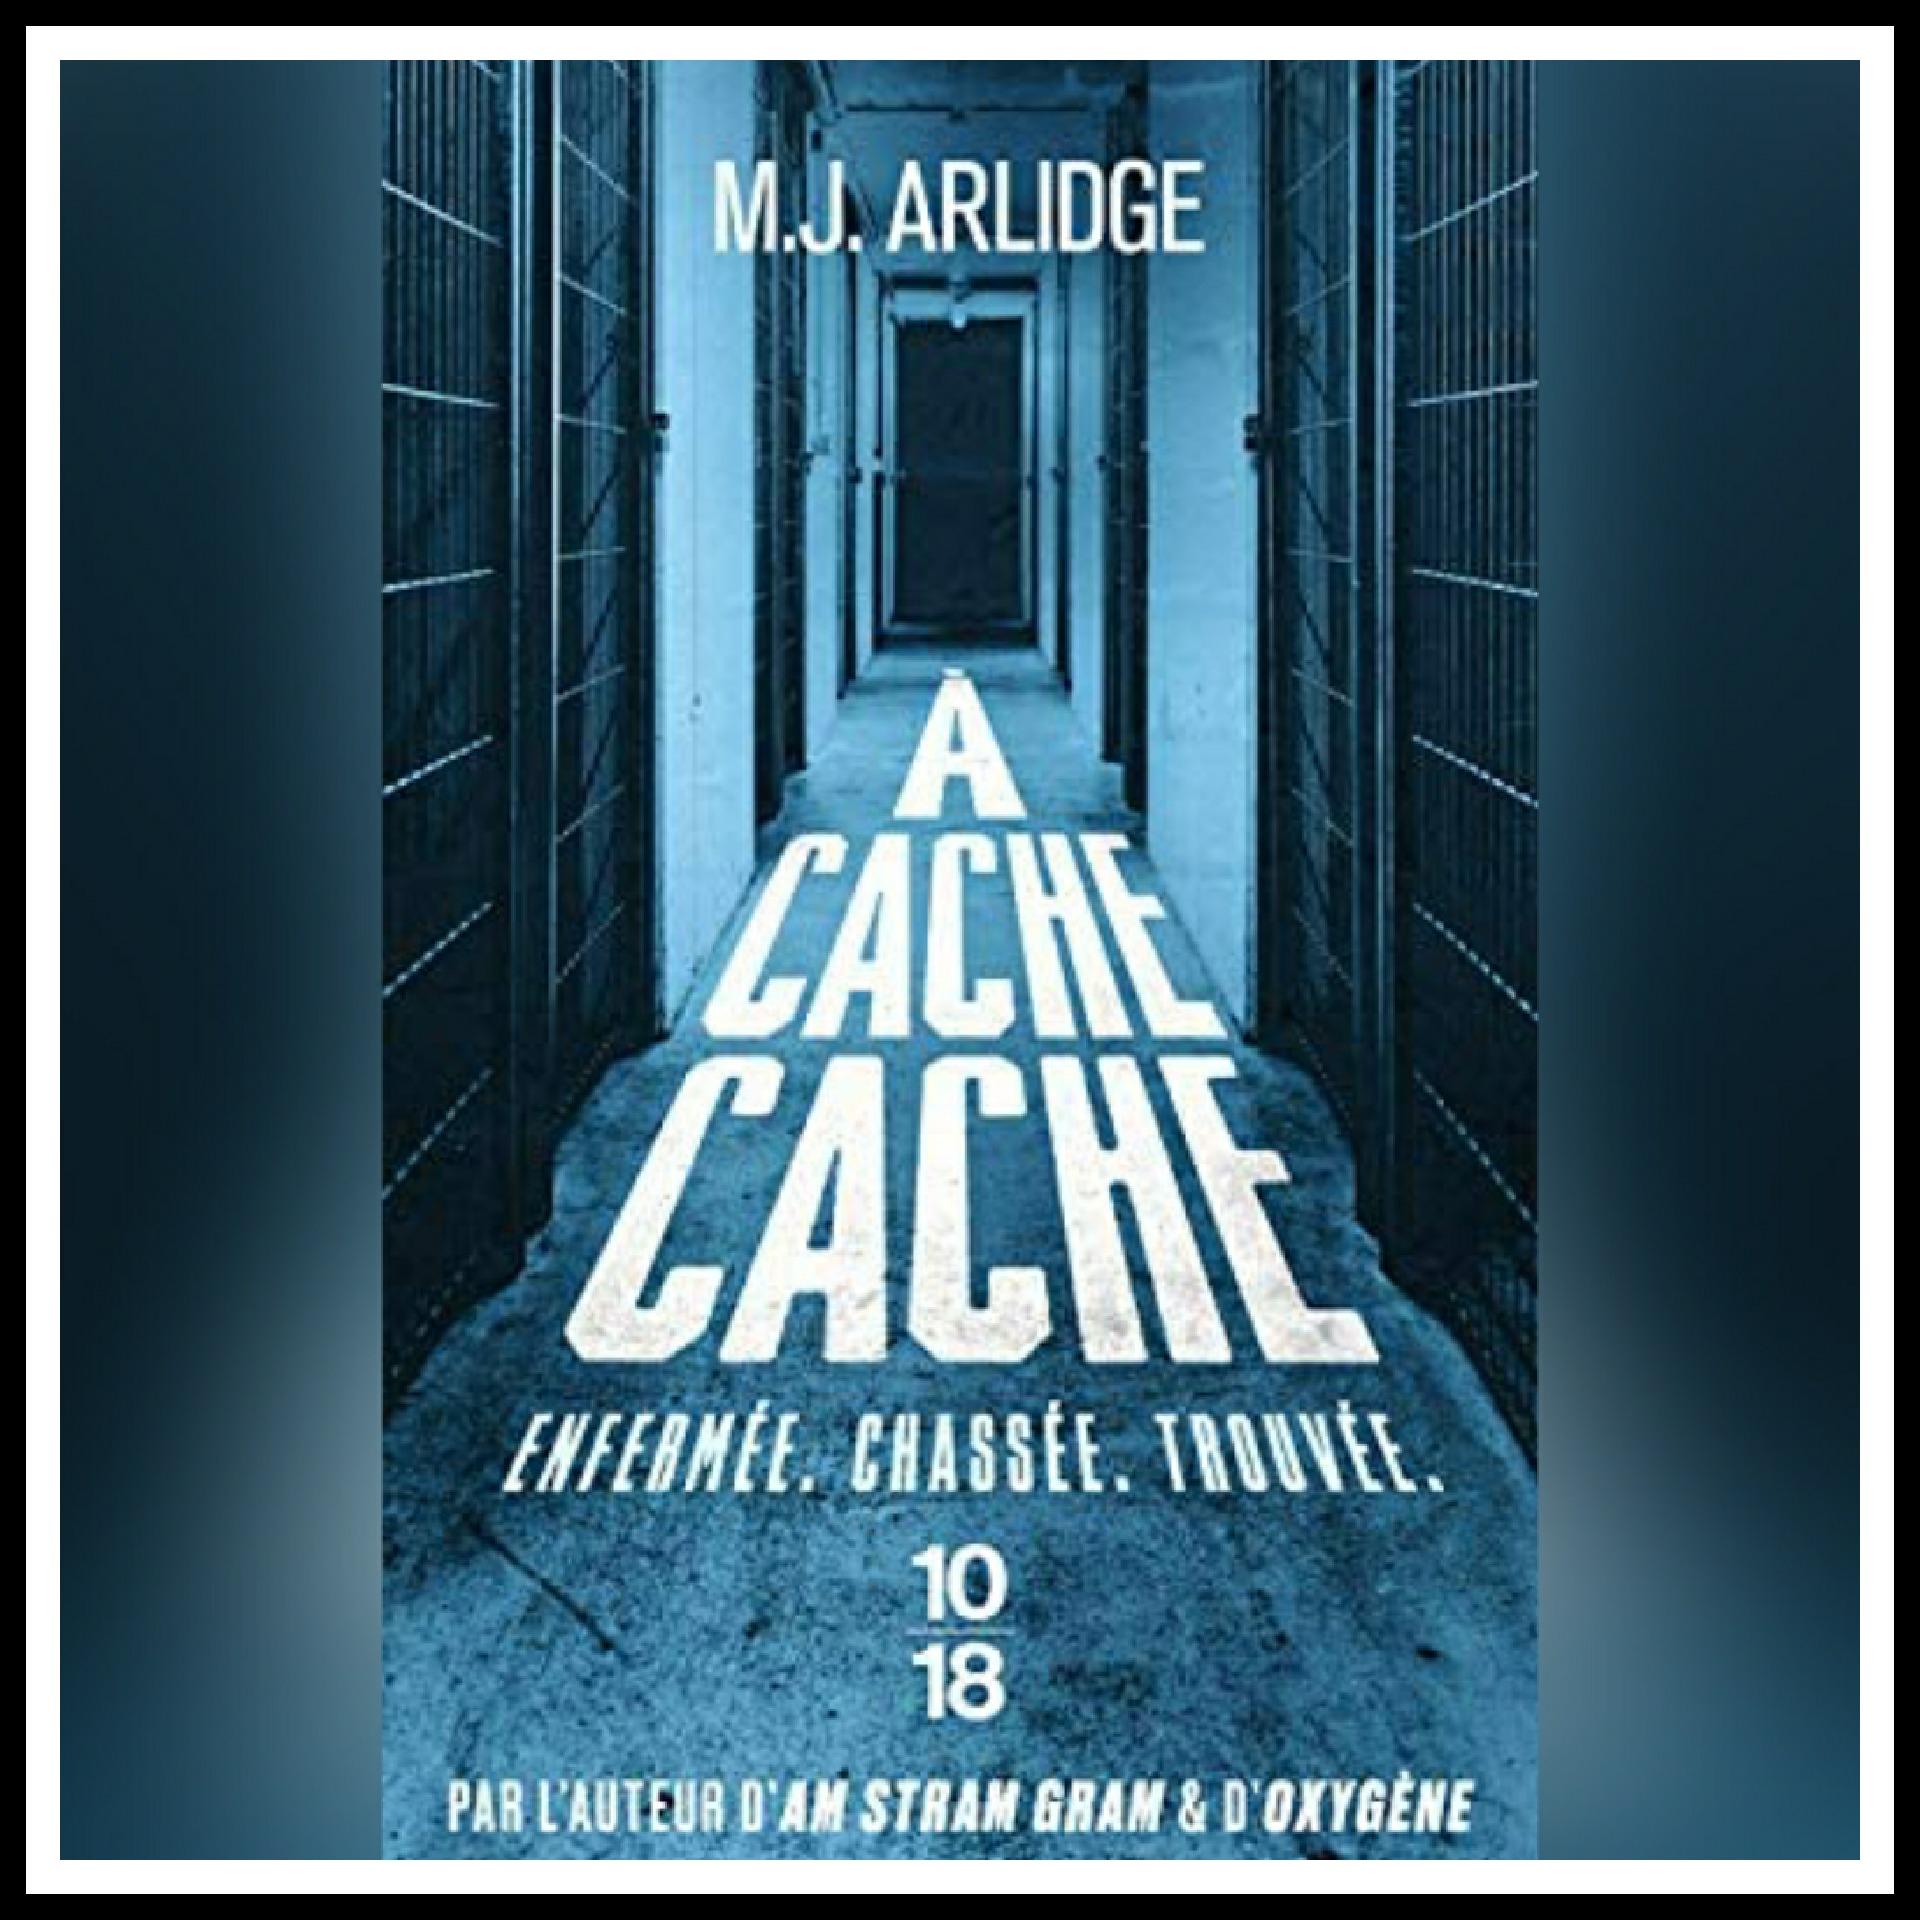 Chroniques 2021 \A cache-cache de M.J. Arlidge